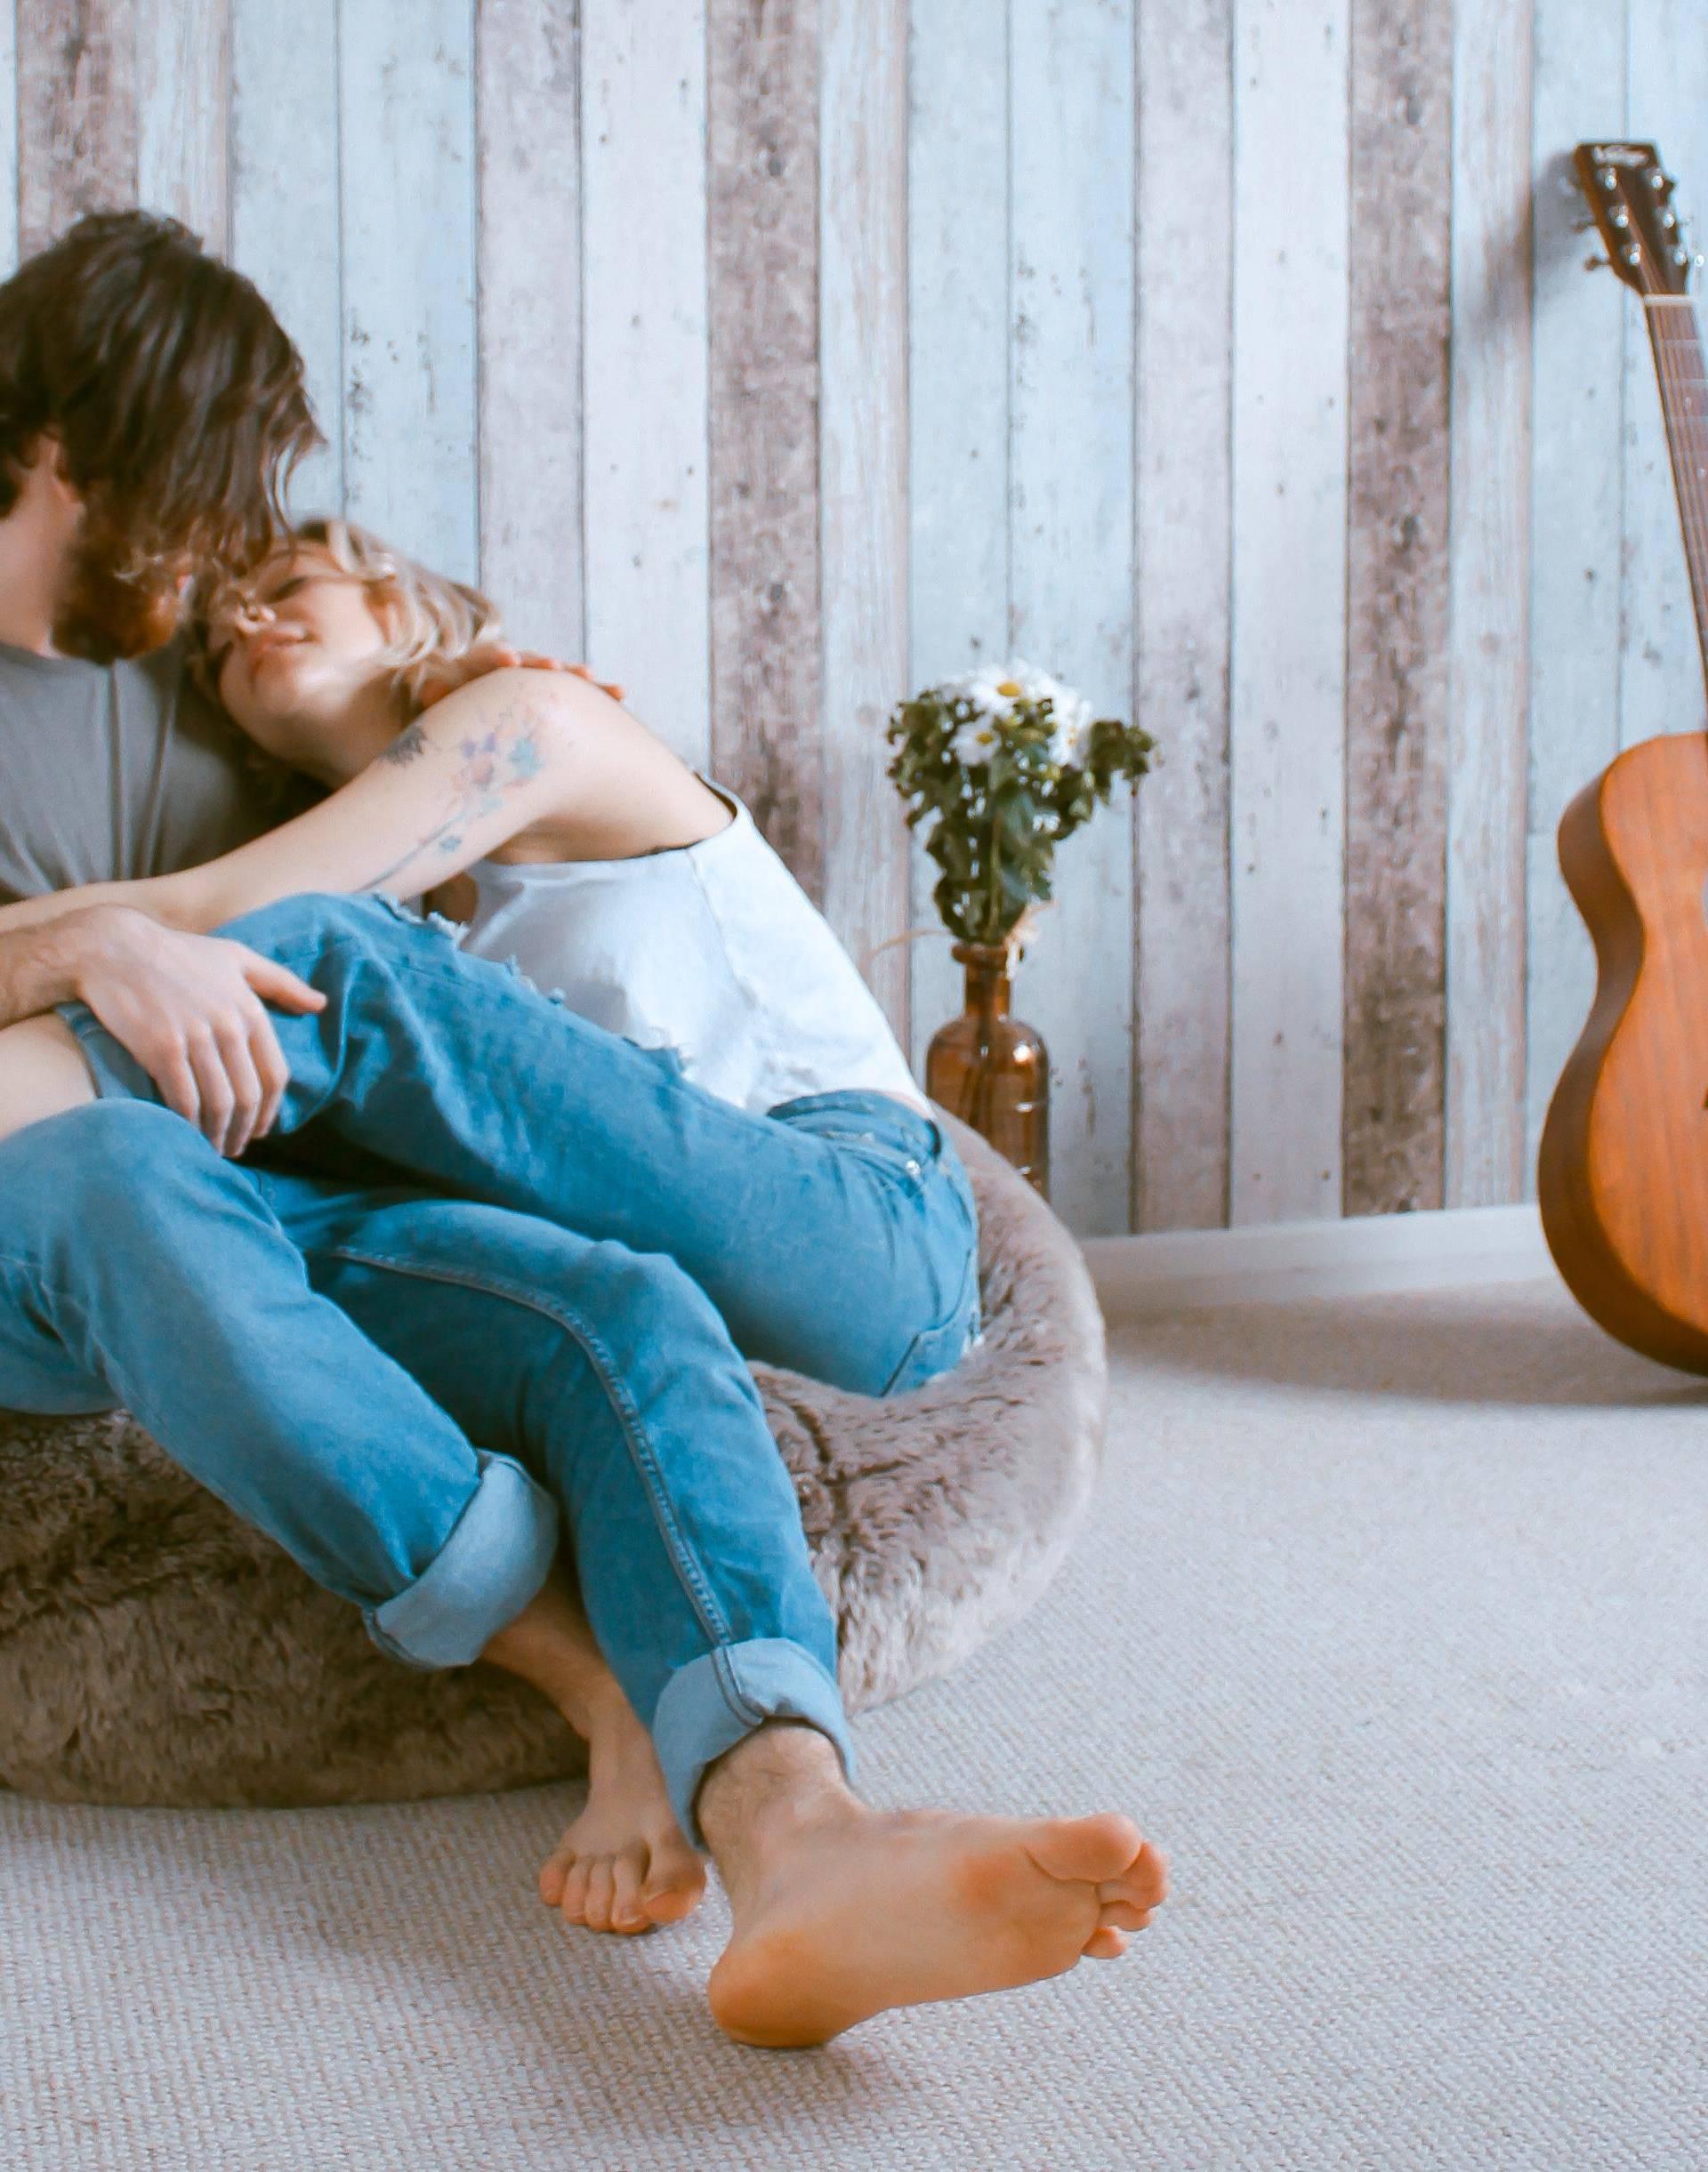 Niste sretni u braku? Možda partner nije kriv, nego vaš gen